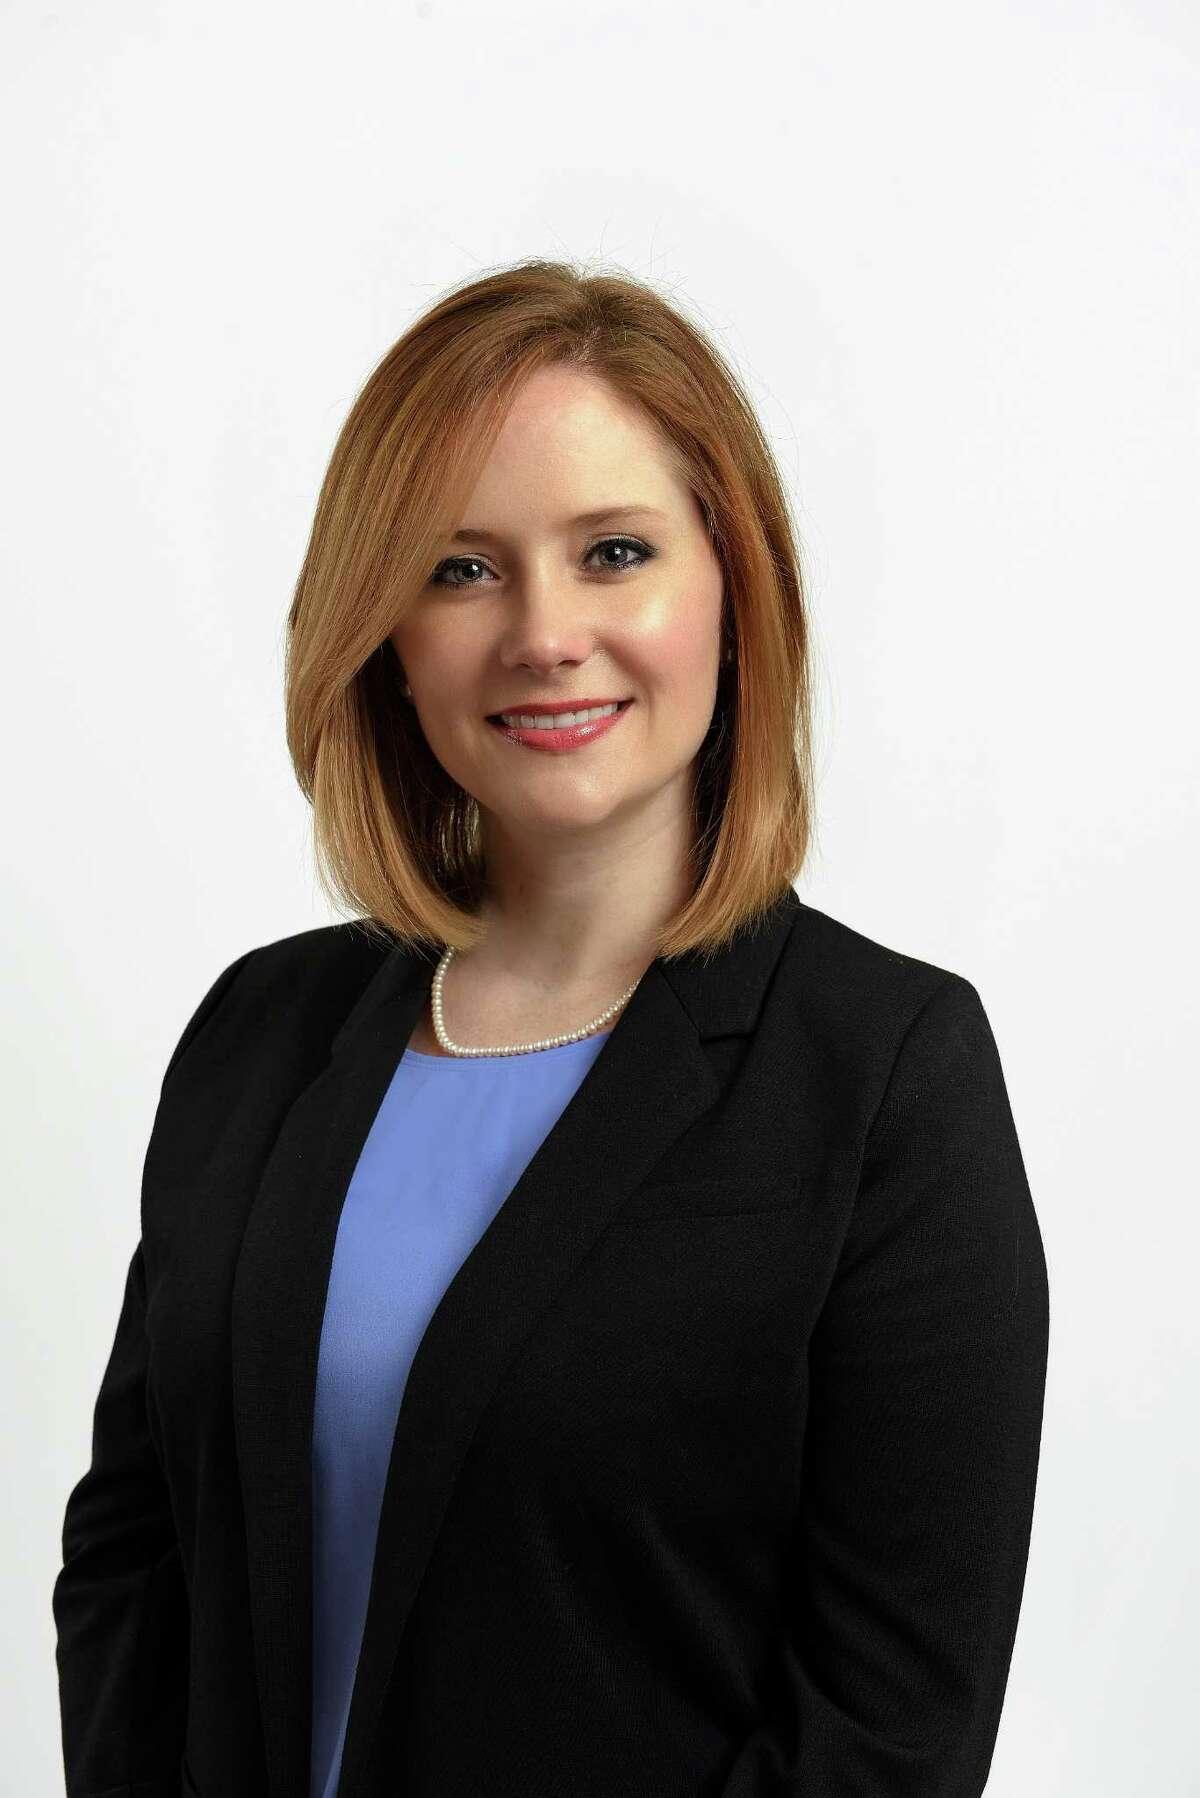 Kristen Bates, Associate Attorney, The Strong Firm, P.C.